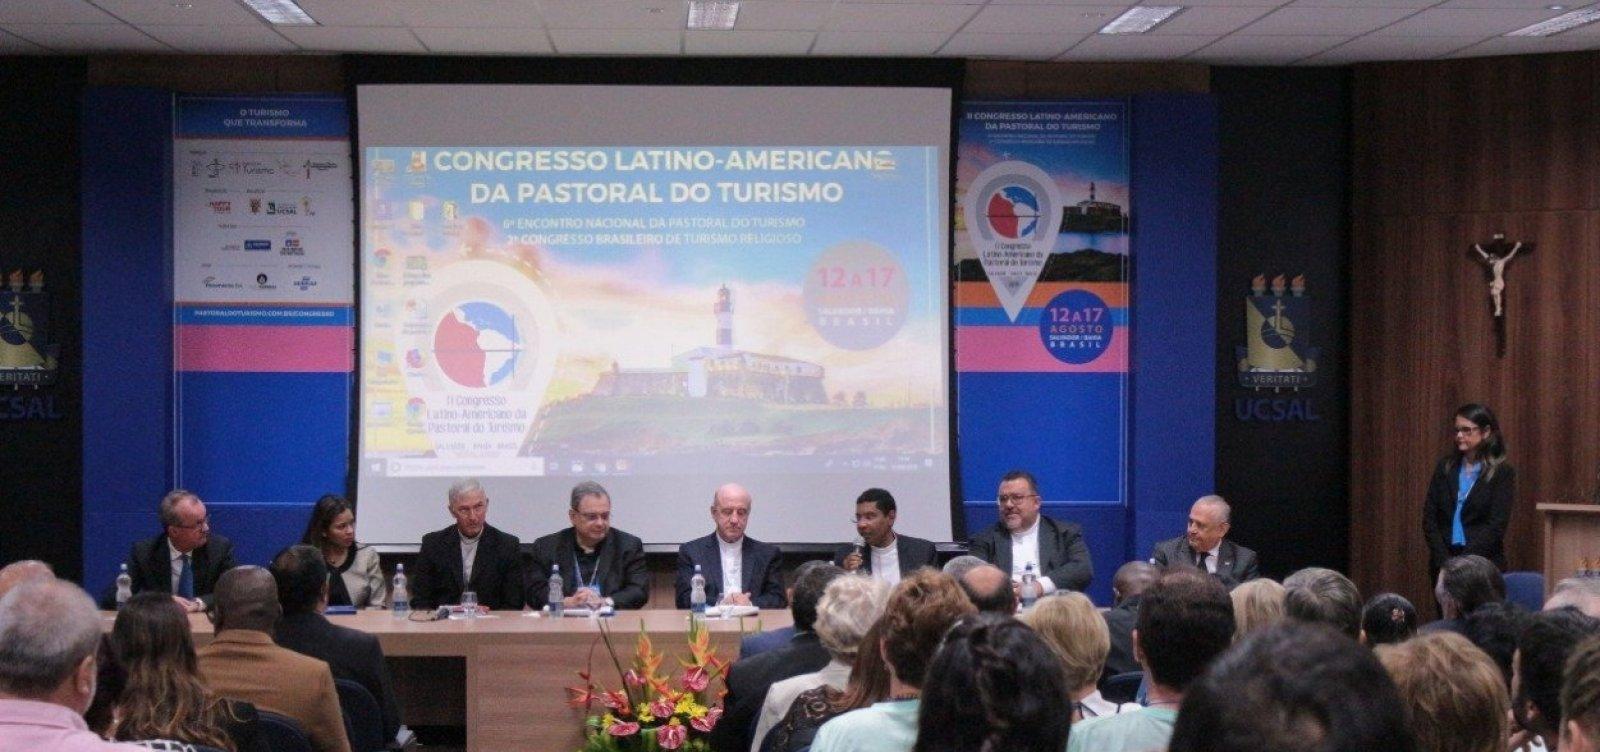 [Congresso sobre 'turismo que transforma' ocorre esta semana na Ucsal]